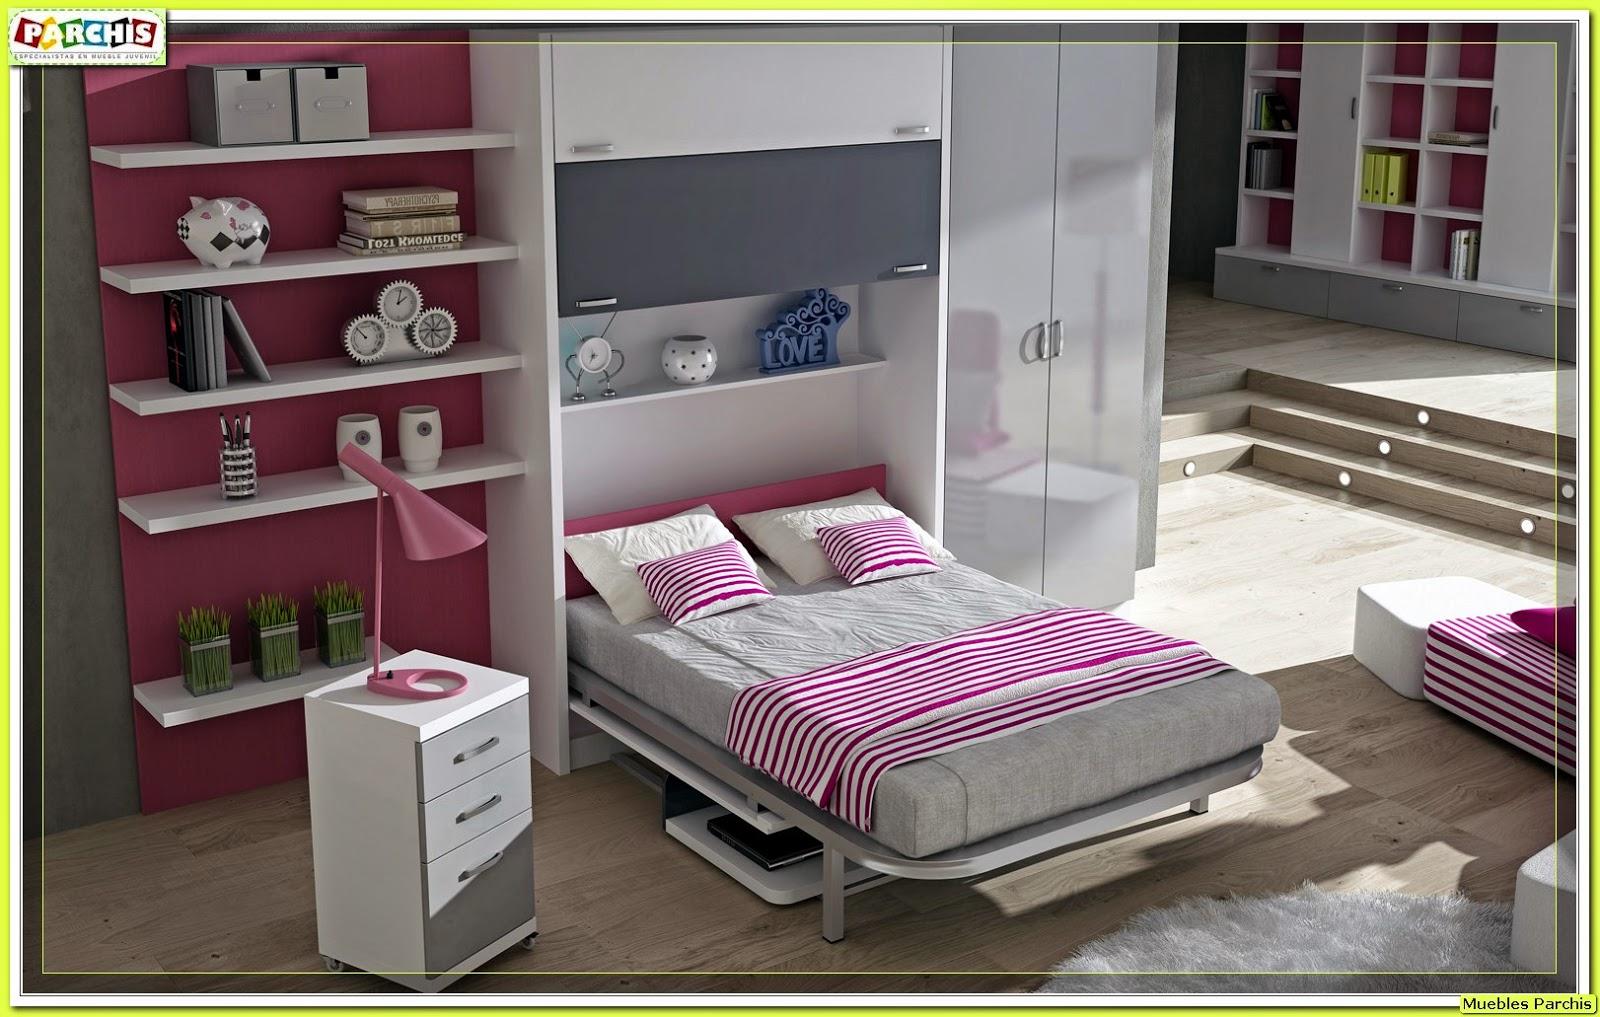 Dormitorios juveniles en madrid excellent dormitorios for Muebles juveniles albacete